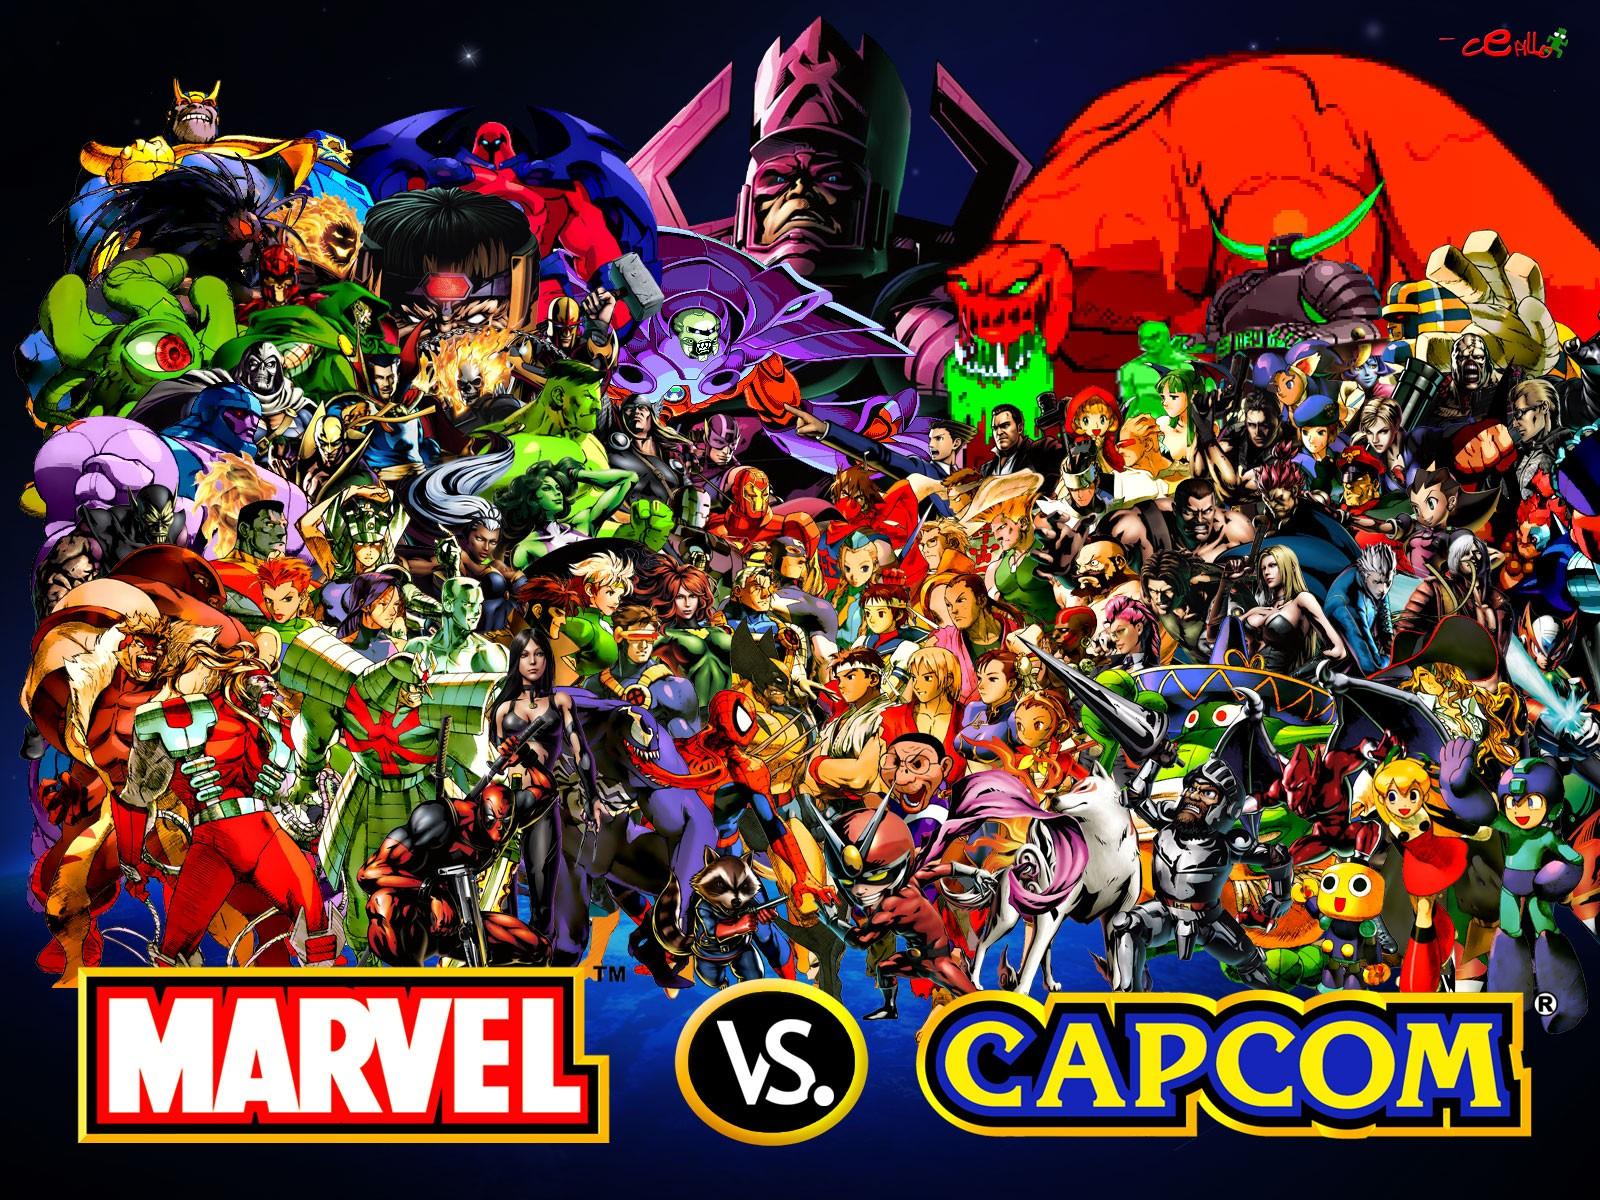 6 marvel vs capcom hd wallpapers